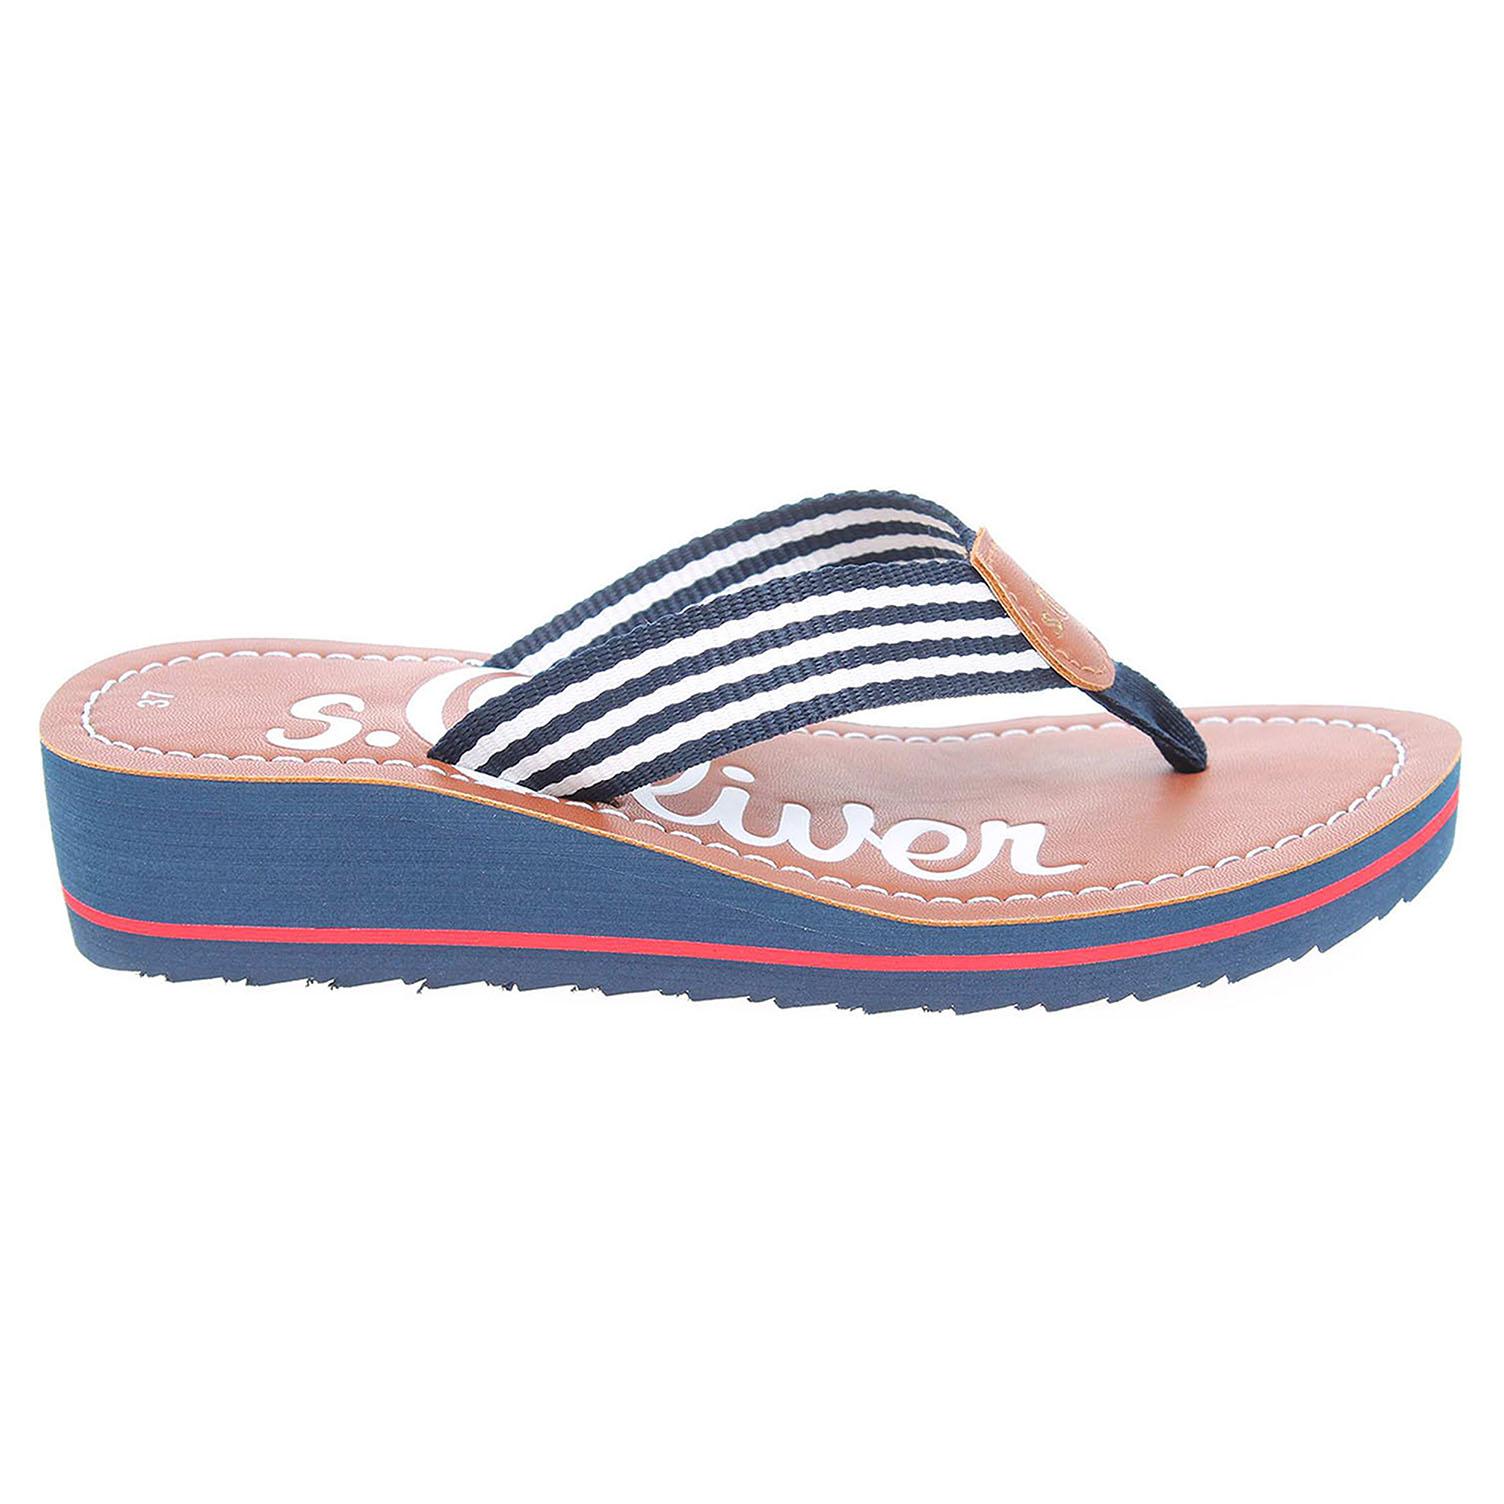 Ecco s.Oliver dámské pantofle 5-27118-38 modré 23700303